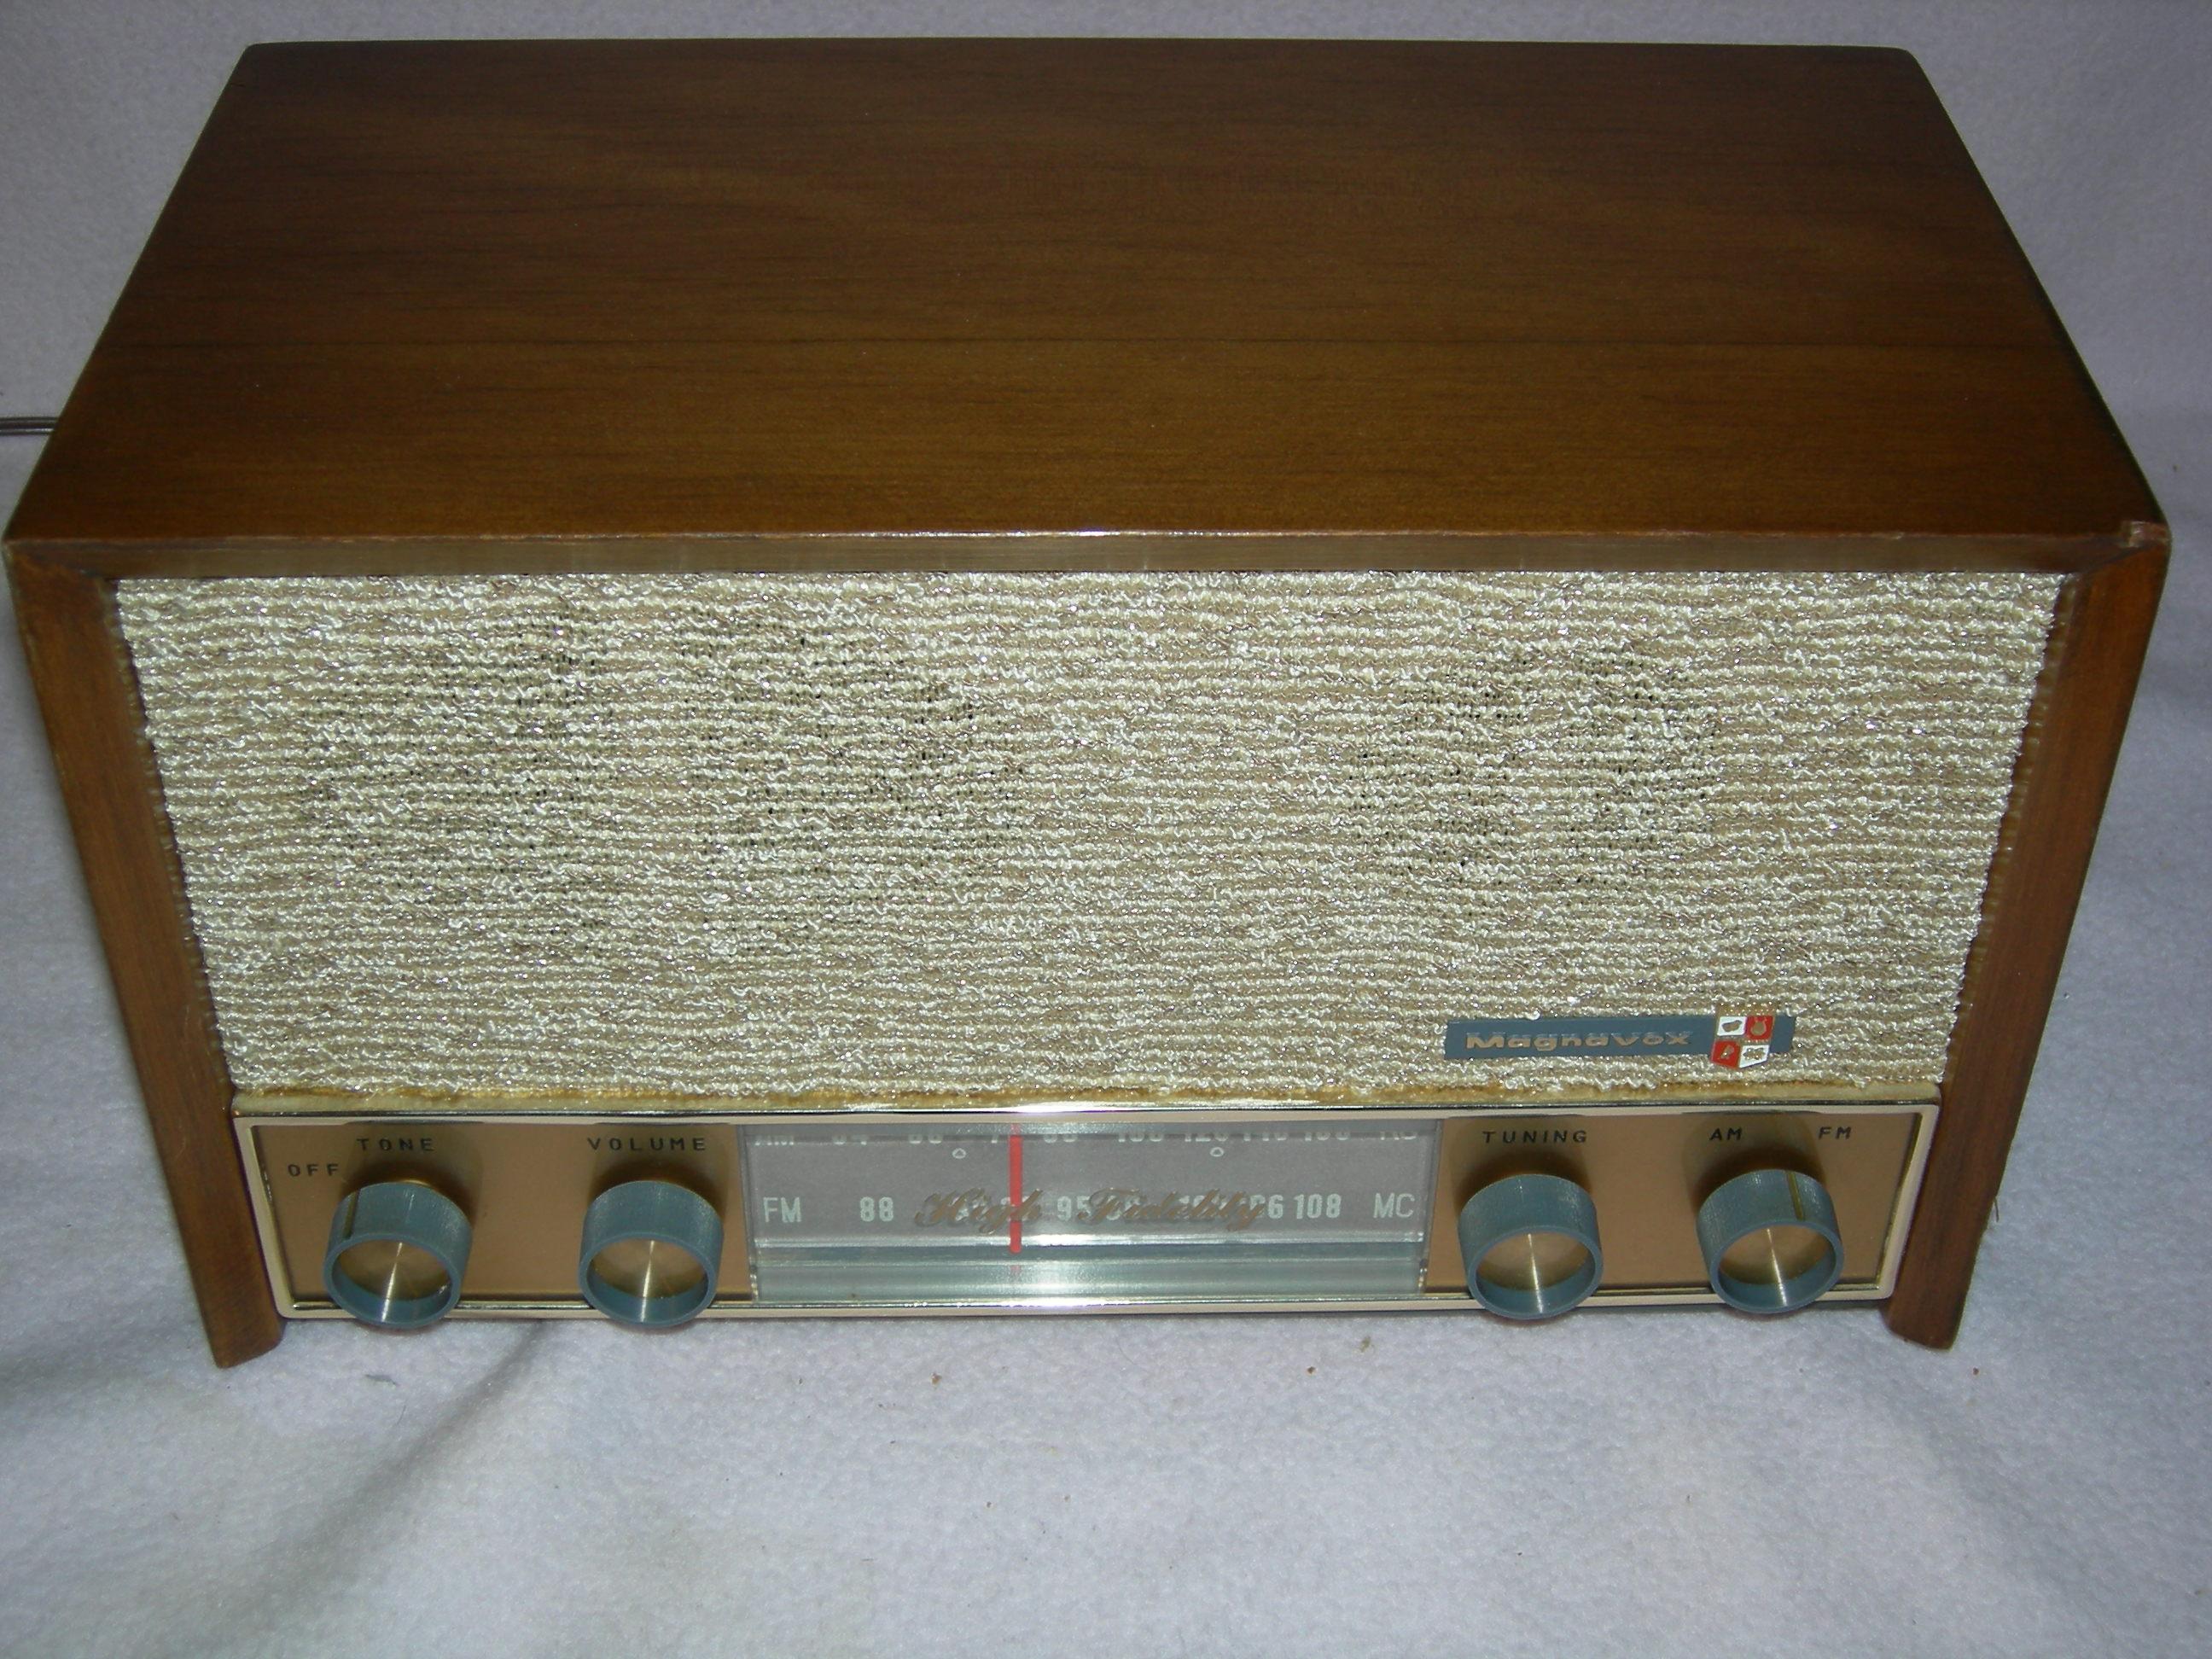 Magnavox FM040 Radio